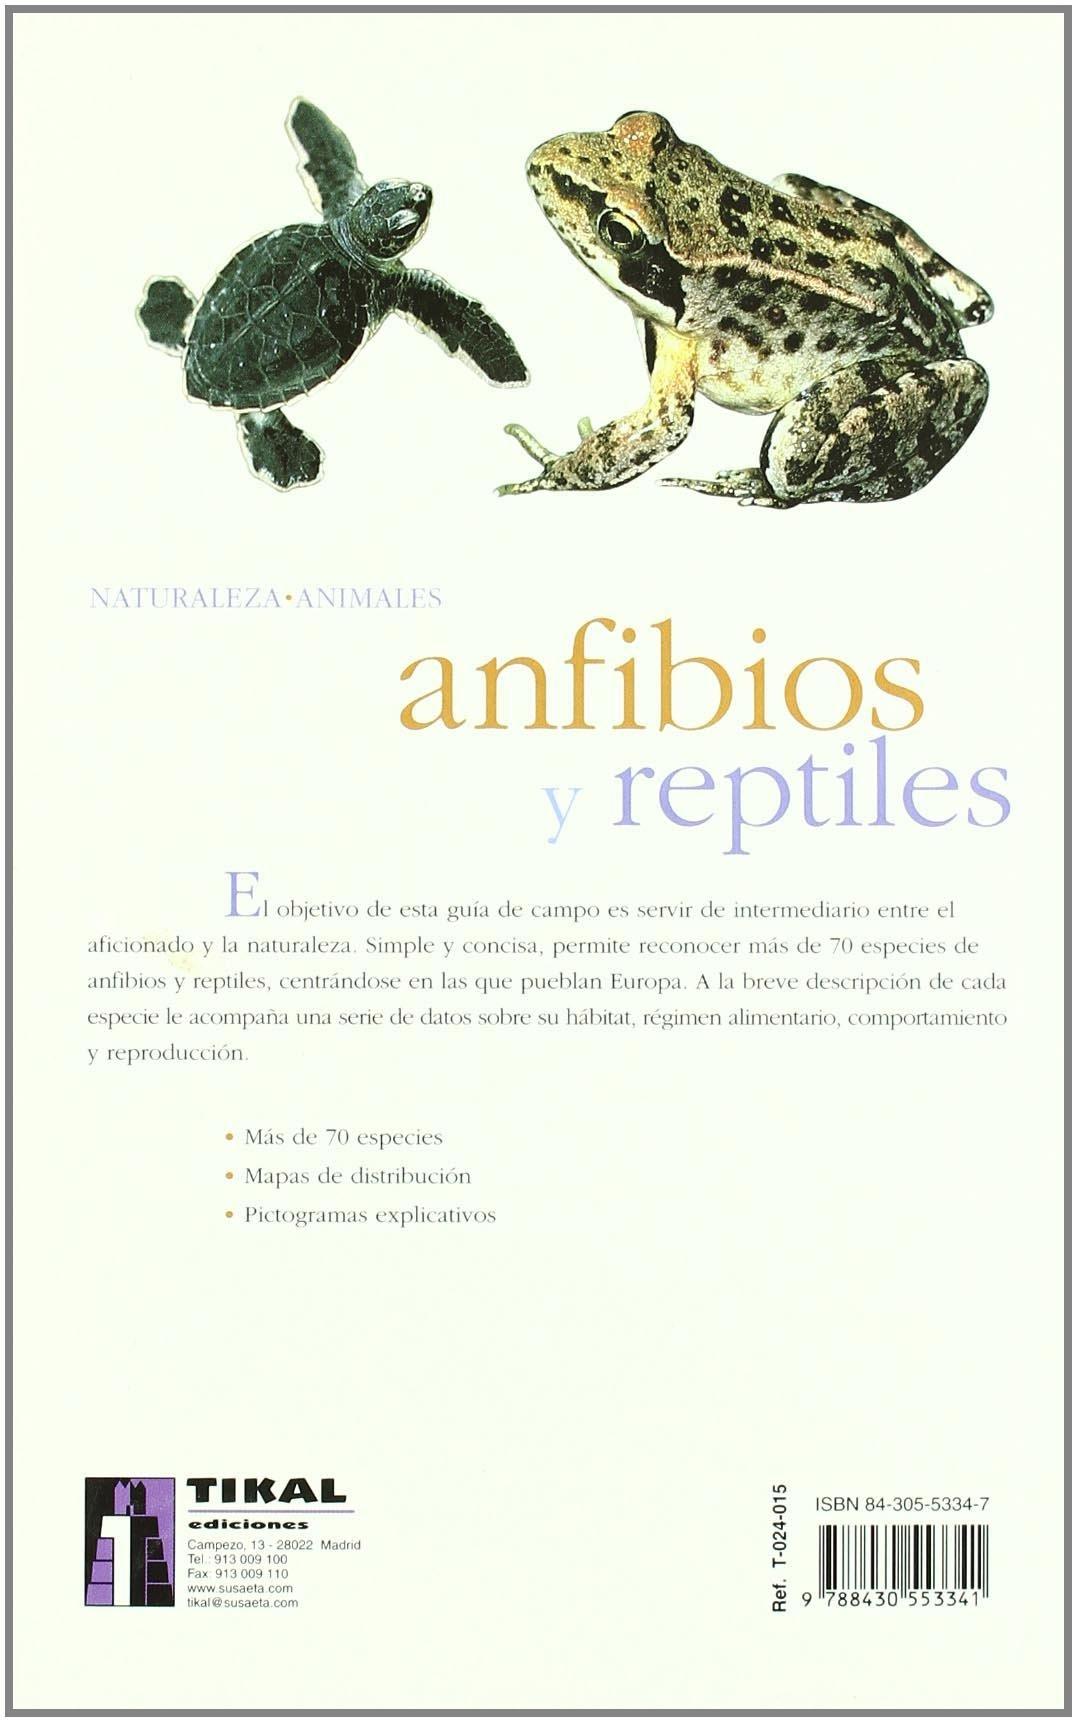 Anfibios Y Reptiles(Naturaleza-Animales): Amazon.es: Santiani, Marc: Libros